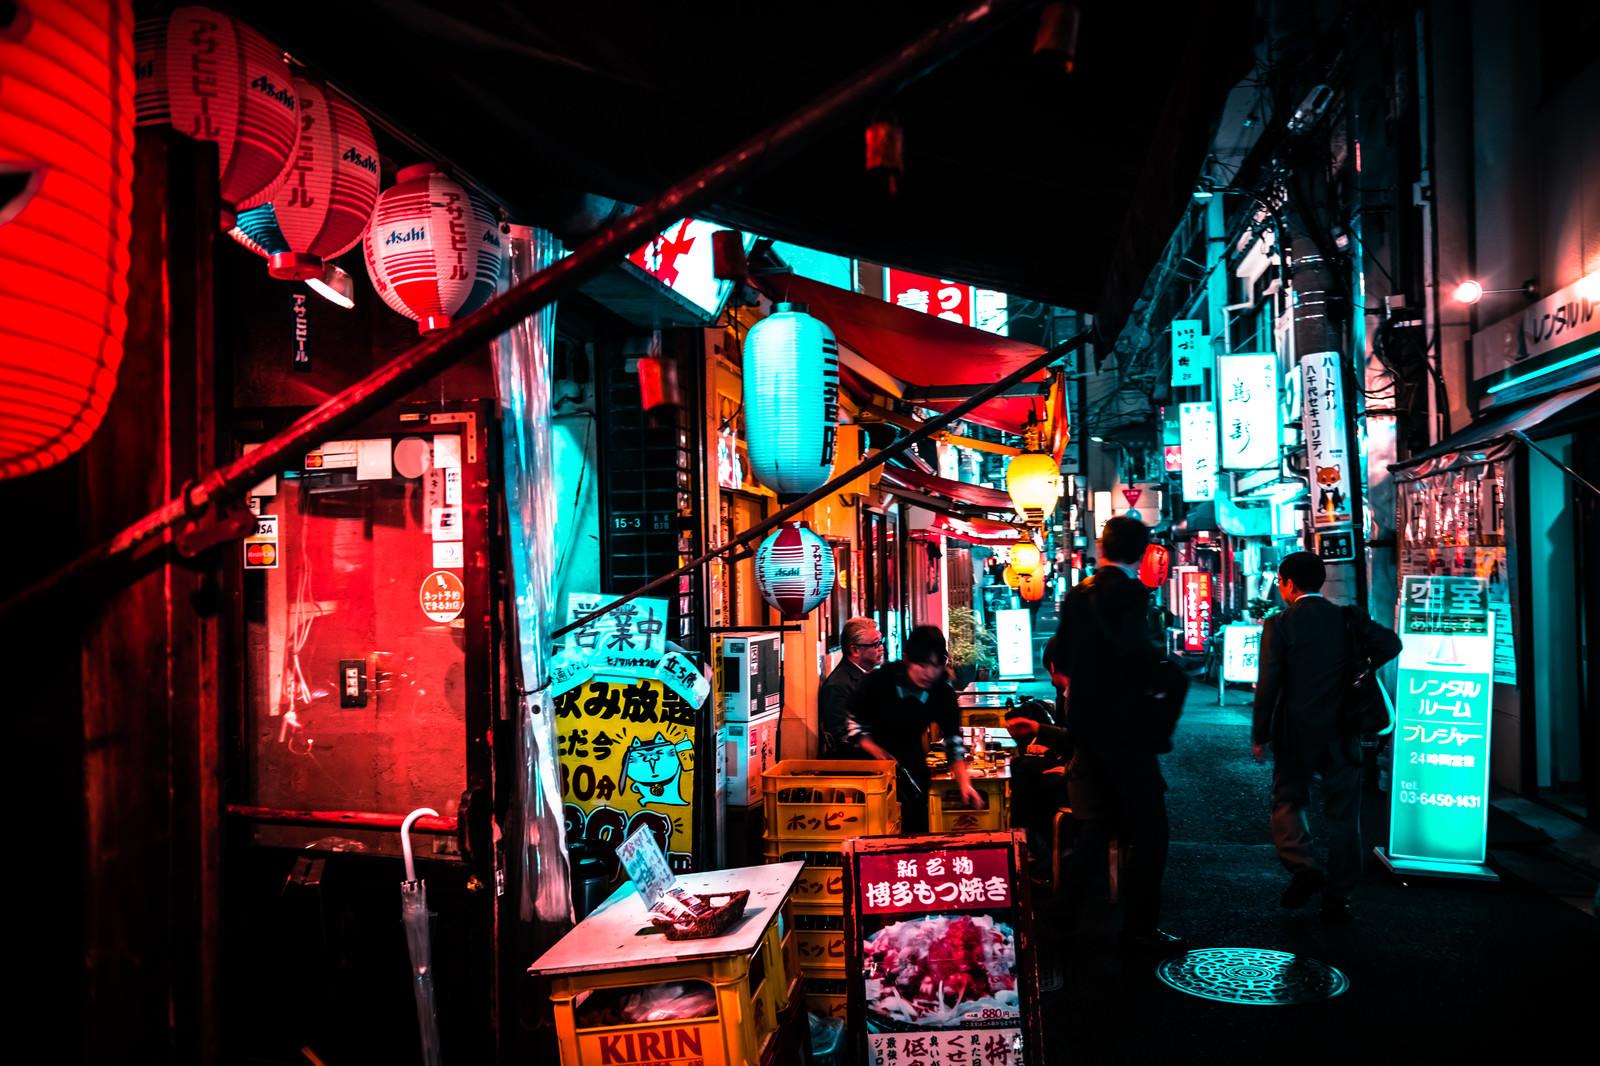 「路地裏の明かりと居酒屋」の写真